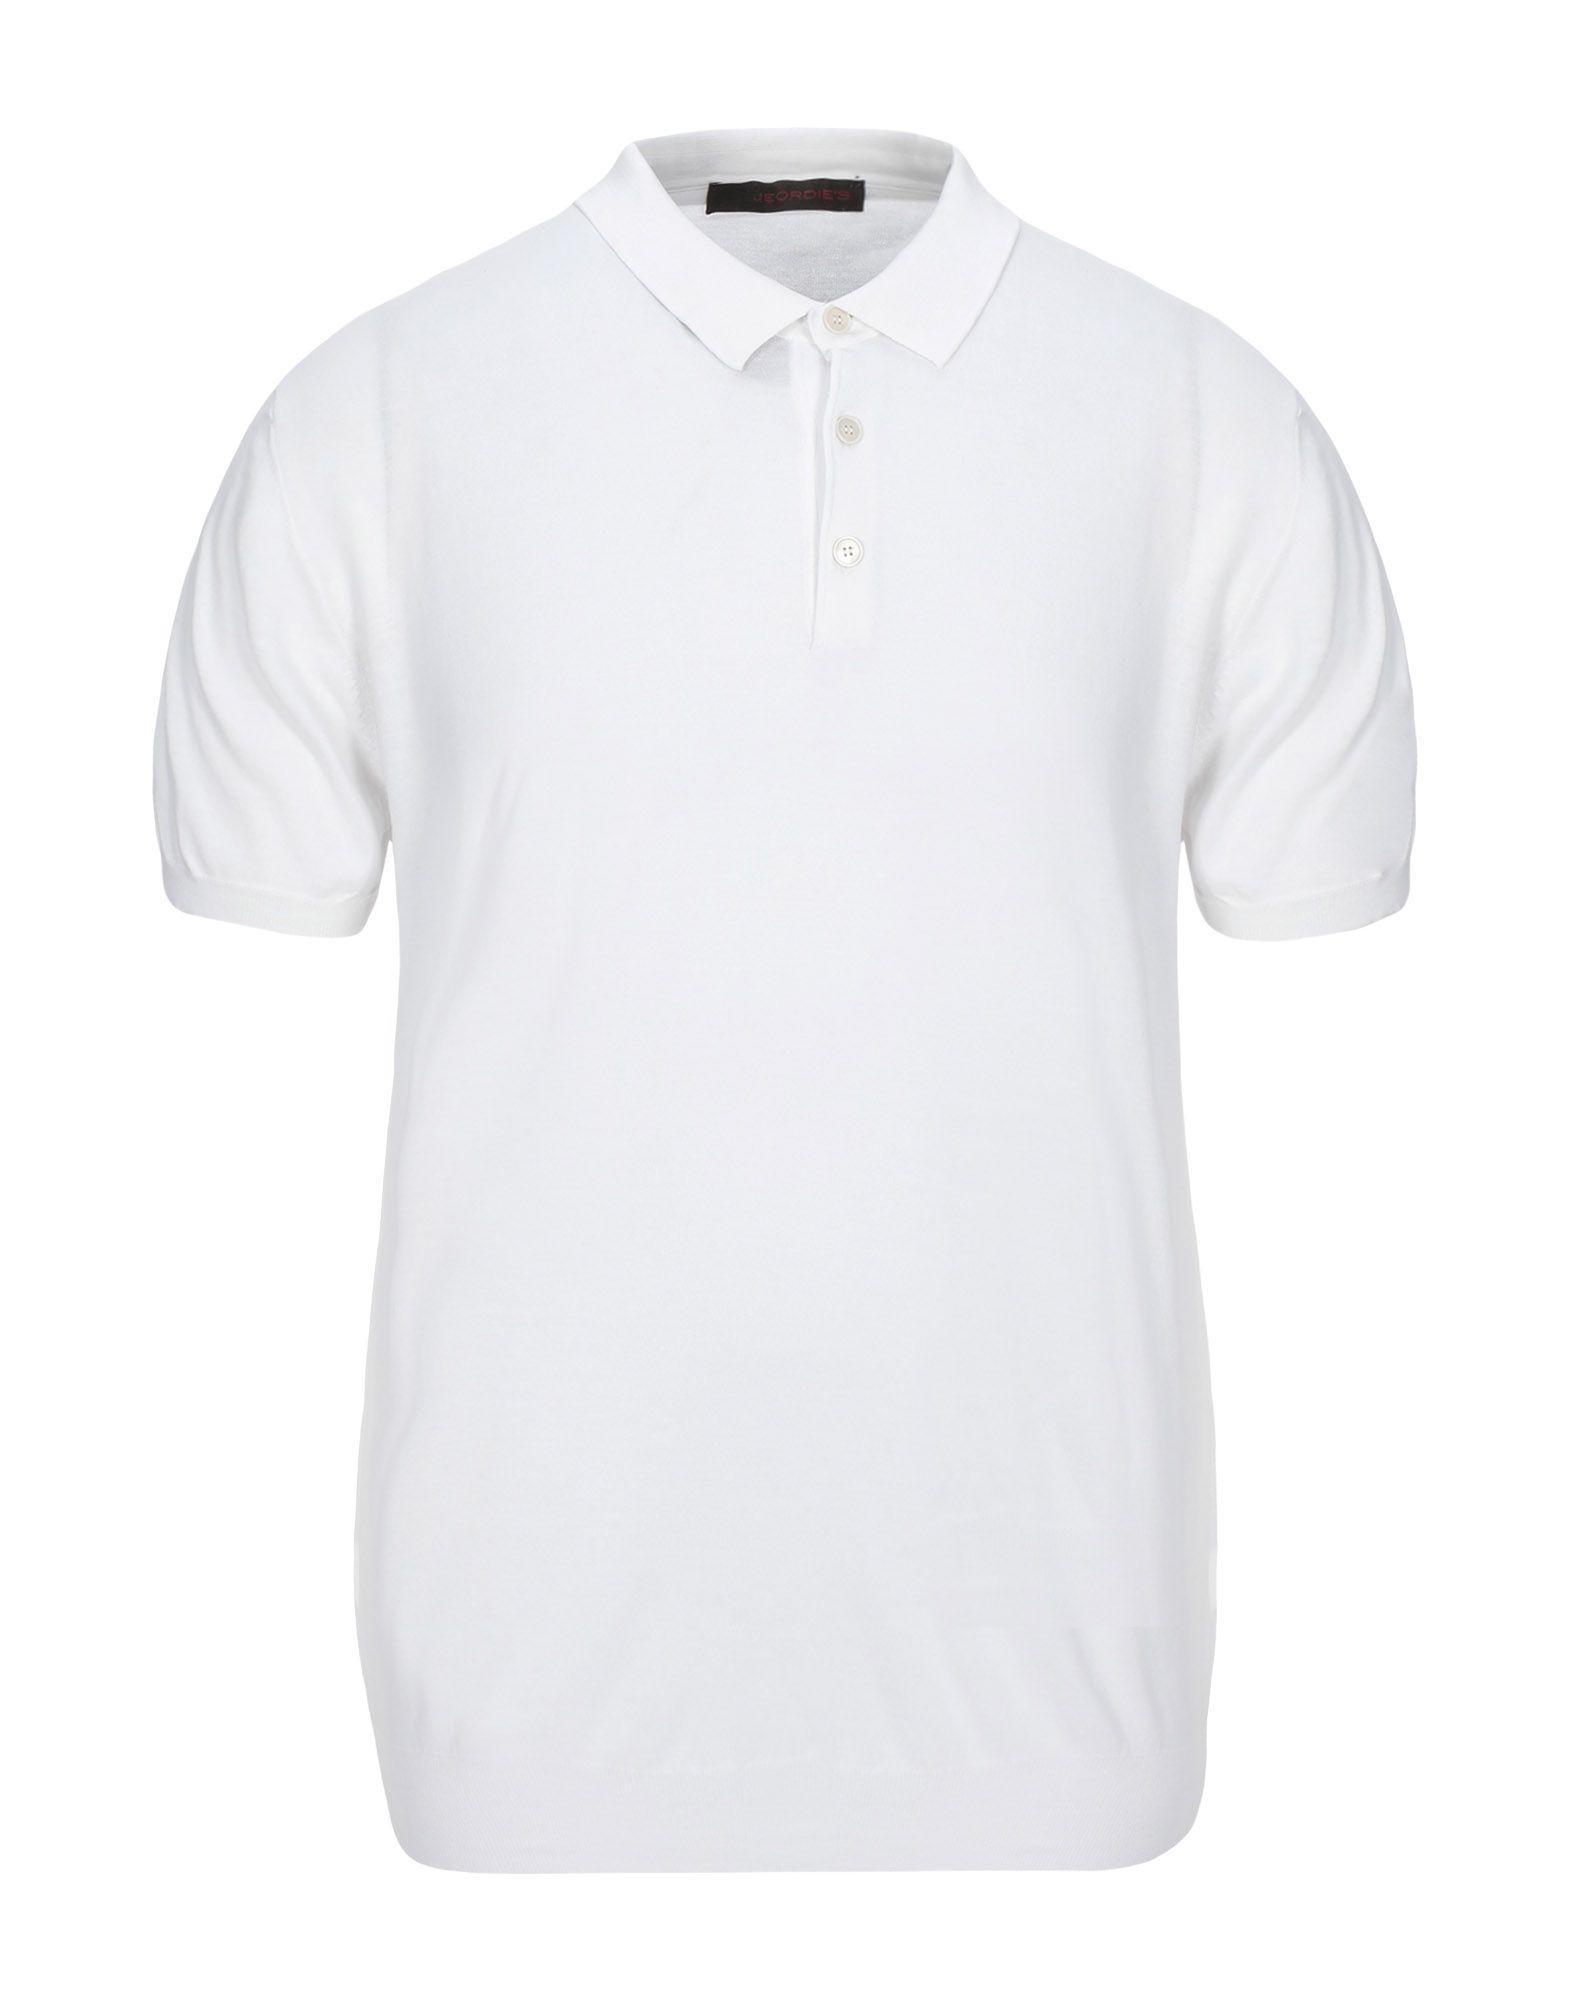 《セール開催中》JEORDIE'S メンズ プルオーバー ホワイト M コットン 100%